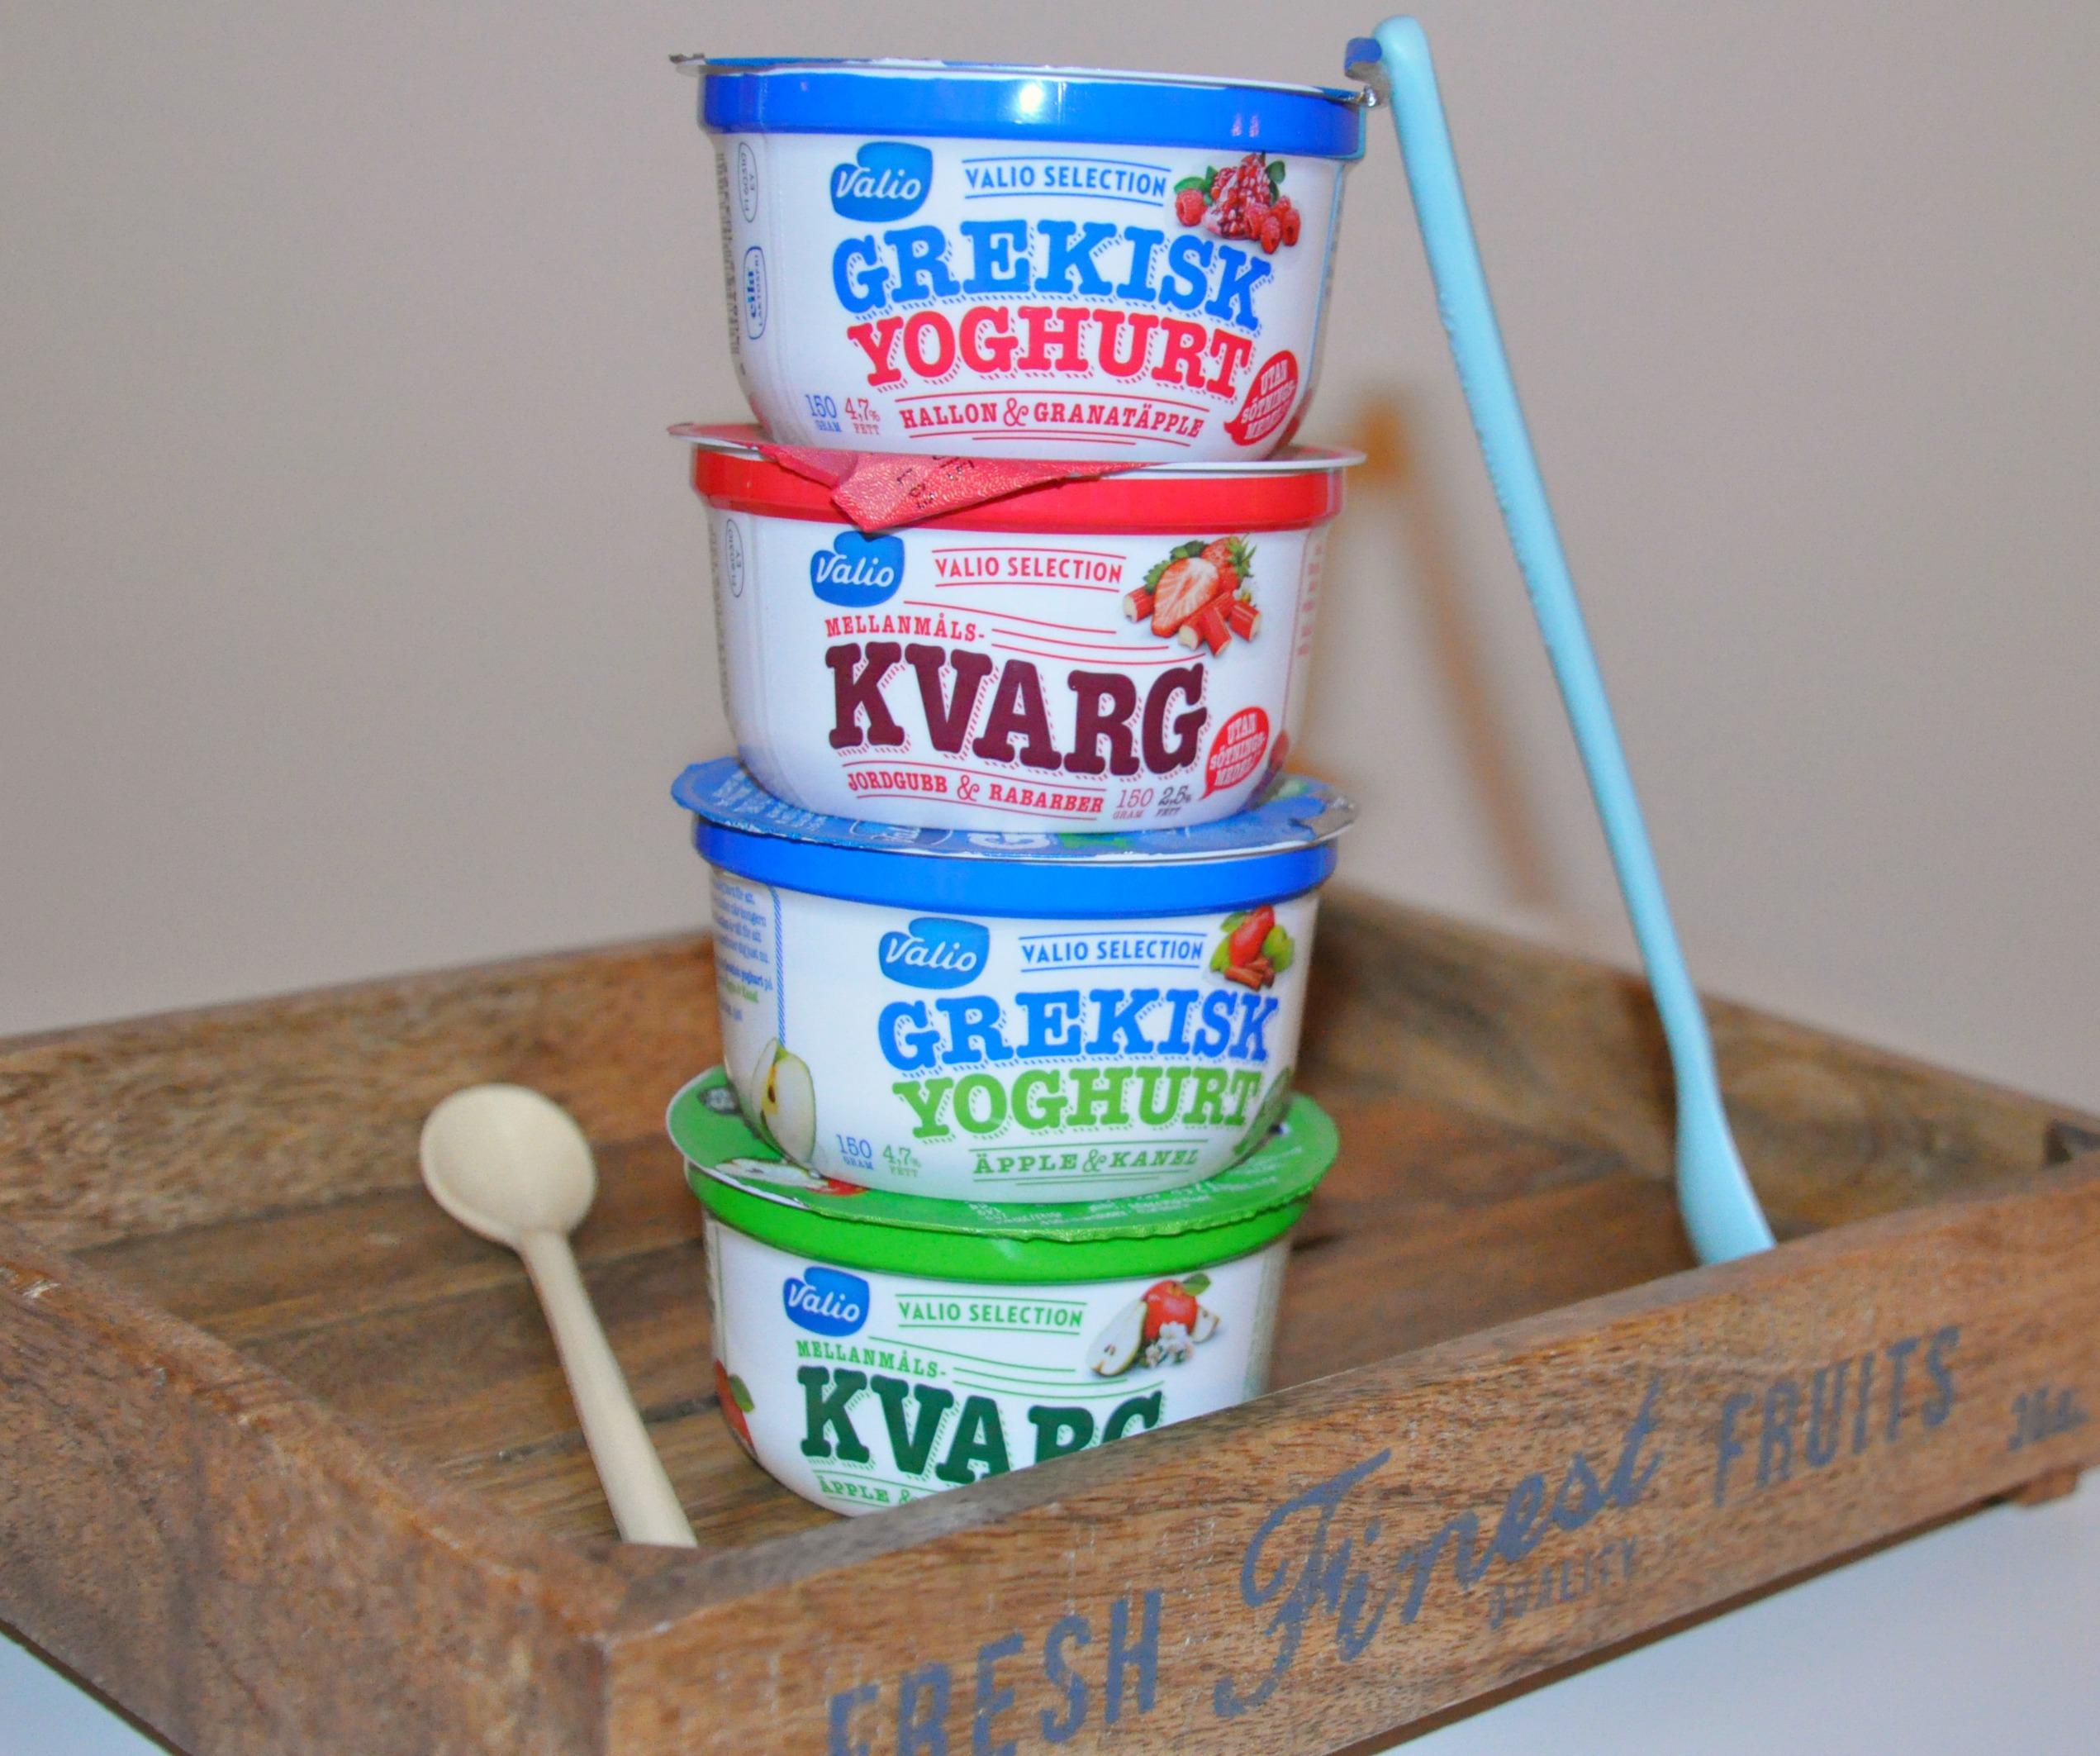 valio kvarg yoghurt